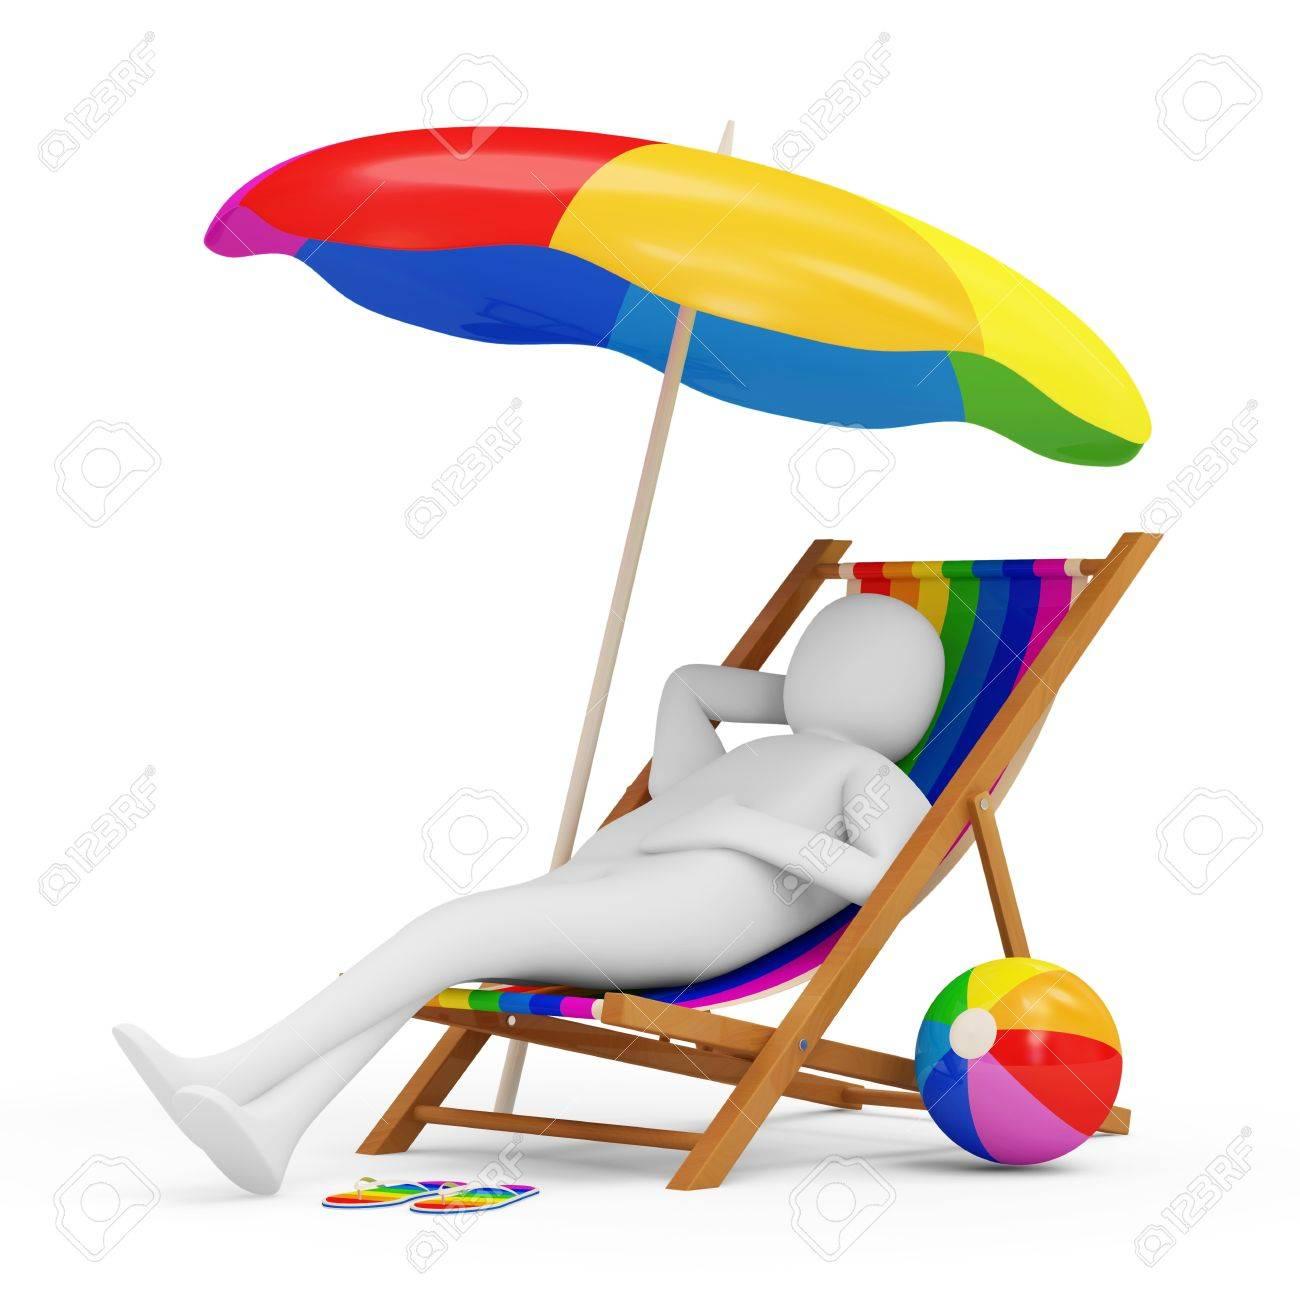 Beach umbrella and chair png - Cartoon Beach Chair And Umbrella Jpg 1300x1300 Beach Chair Funny Cartoon